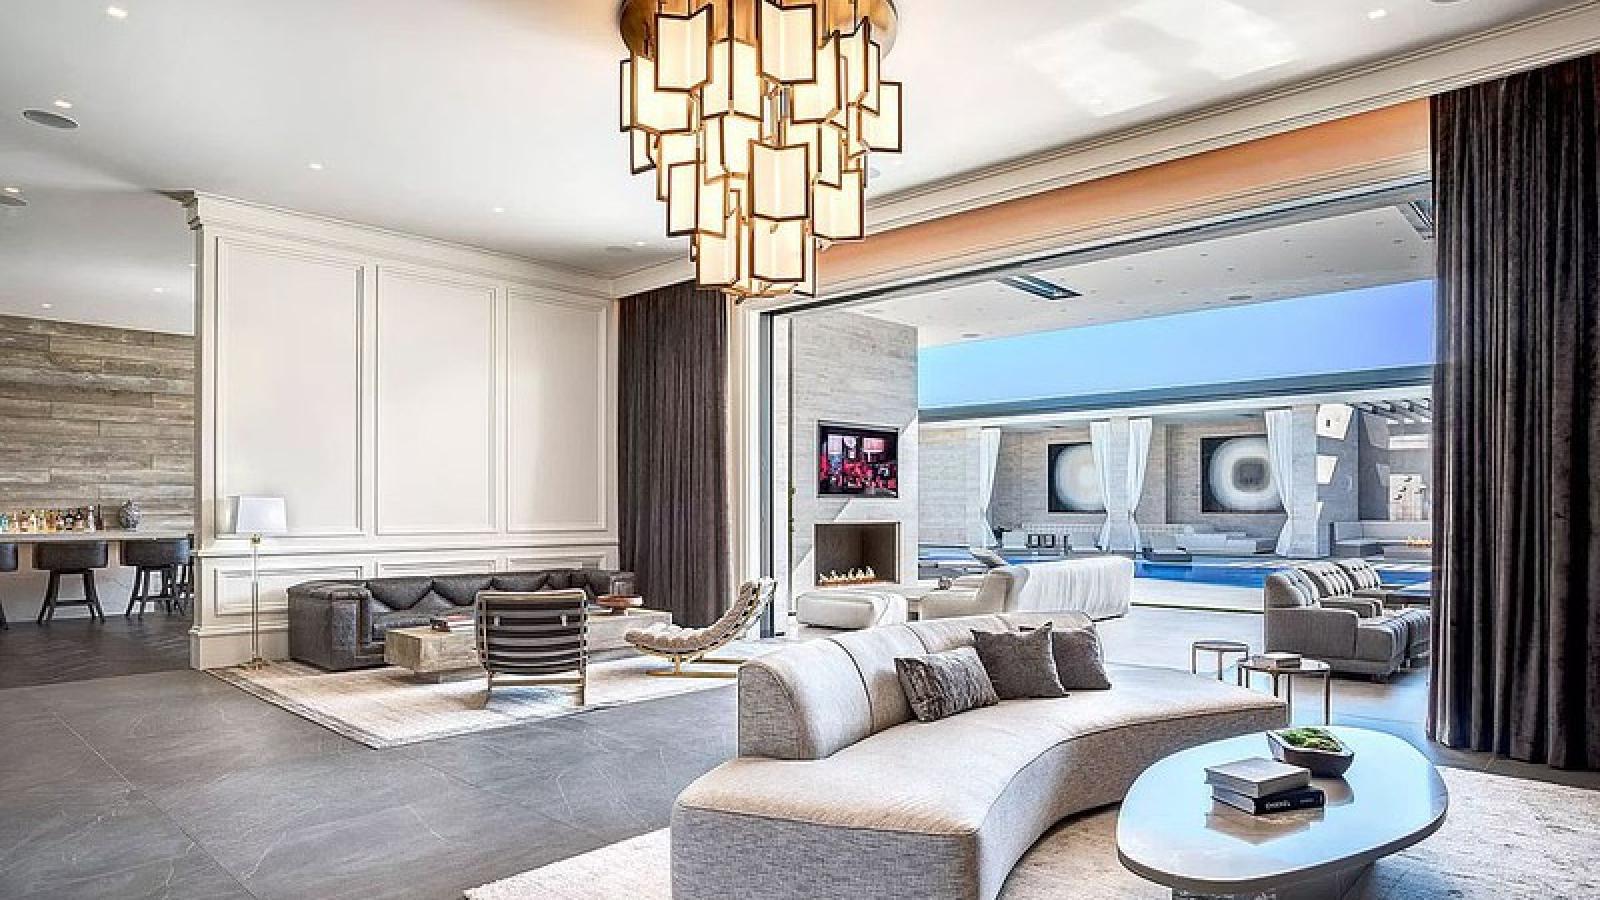 """Ngắm căn biệt thự """"triệu đô"""" ở khu vực đồi của nữ tỷ phú Kylie Jenner"""